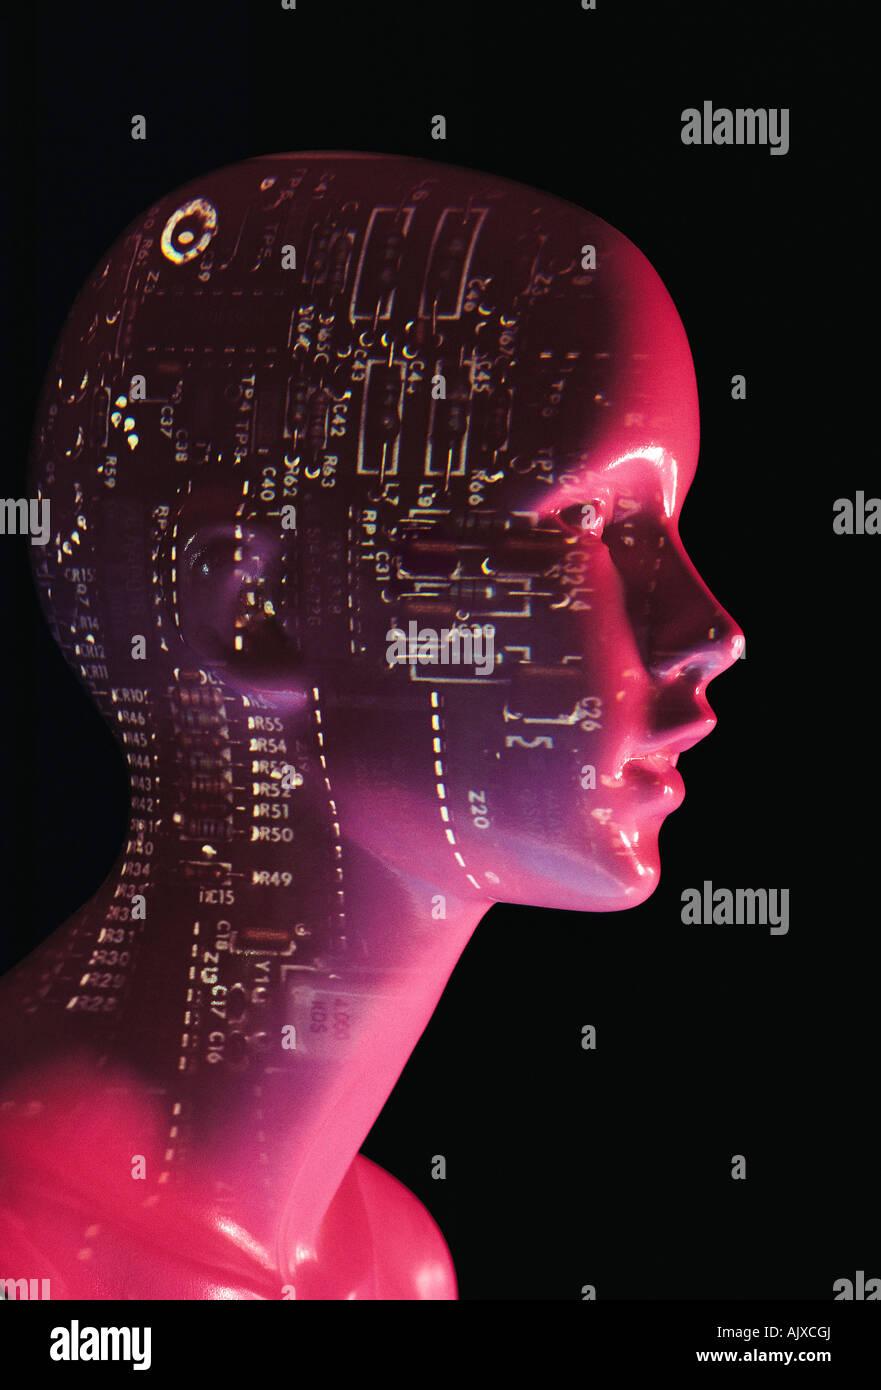 Cerebral Diagram Stockfotos & Cerebral Diagram Bilder - Alamy